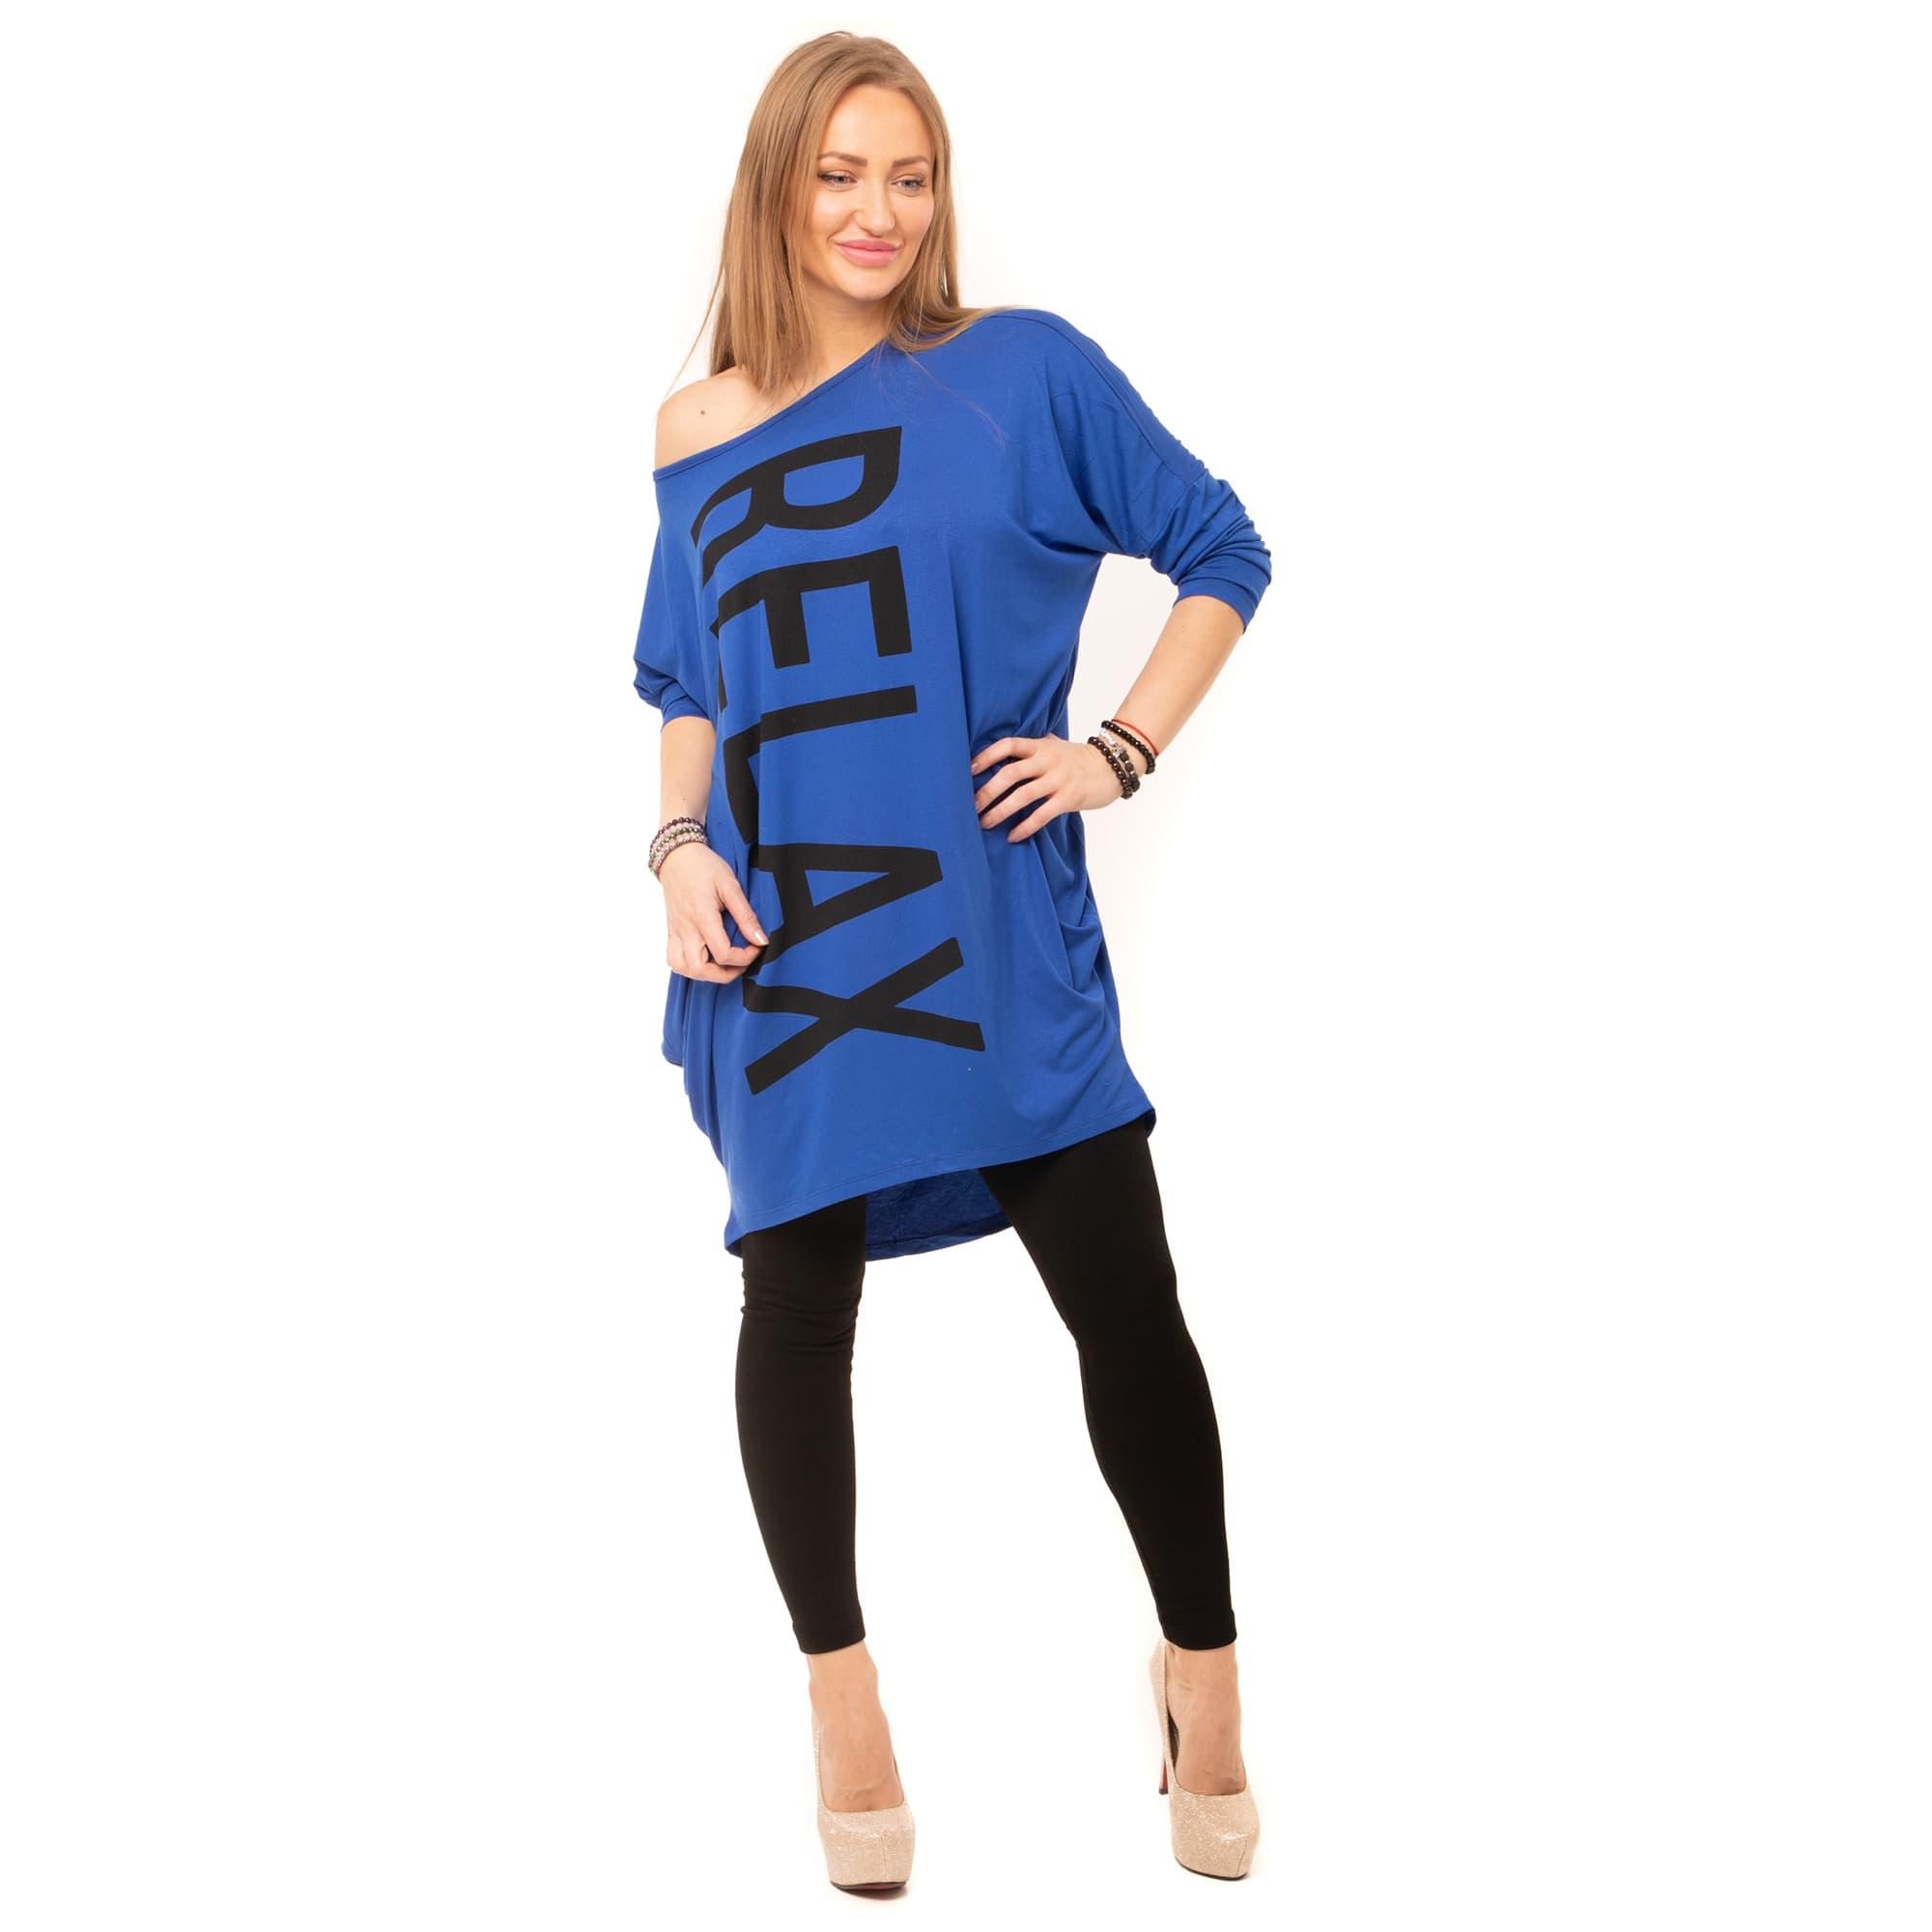 b631b49b06d ... Dámská móda a doplňky - Tunika Relax - modrá